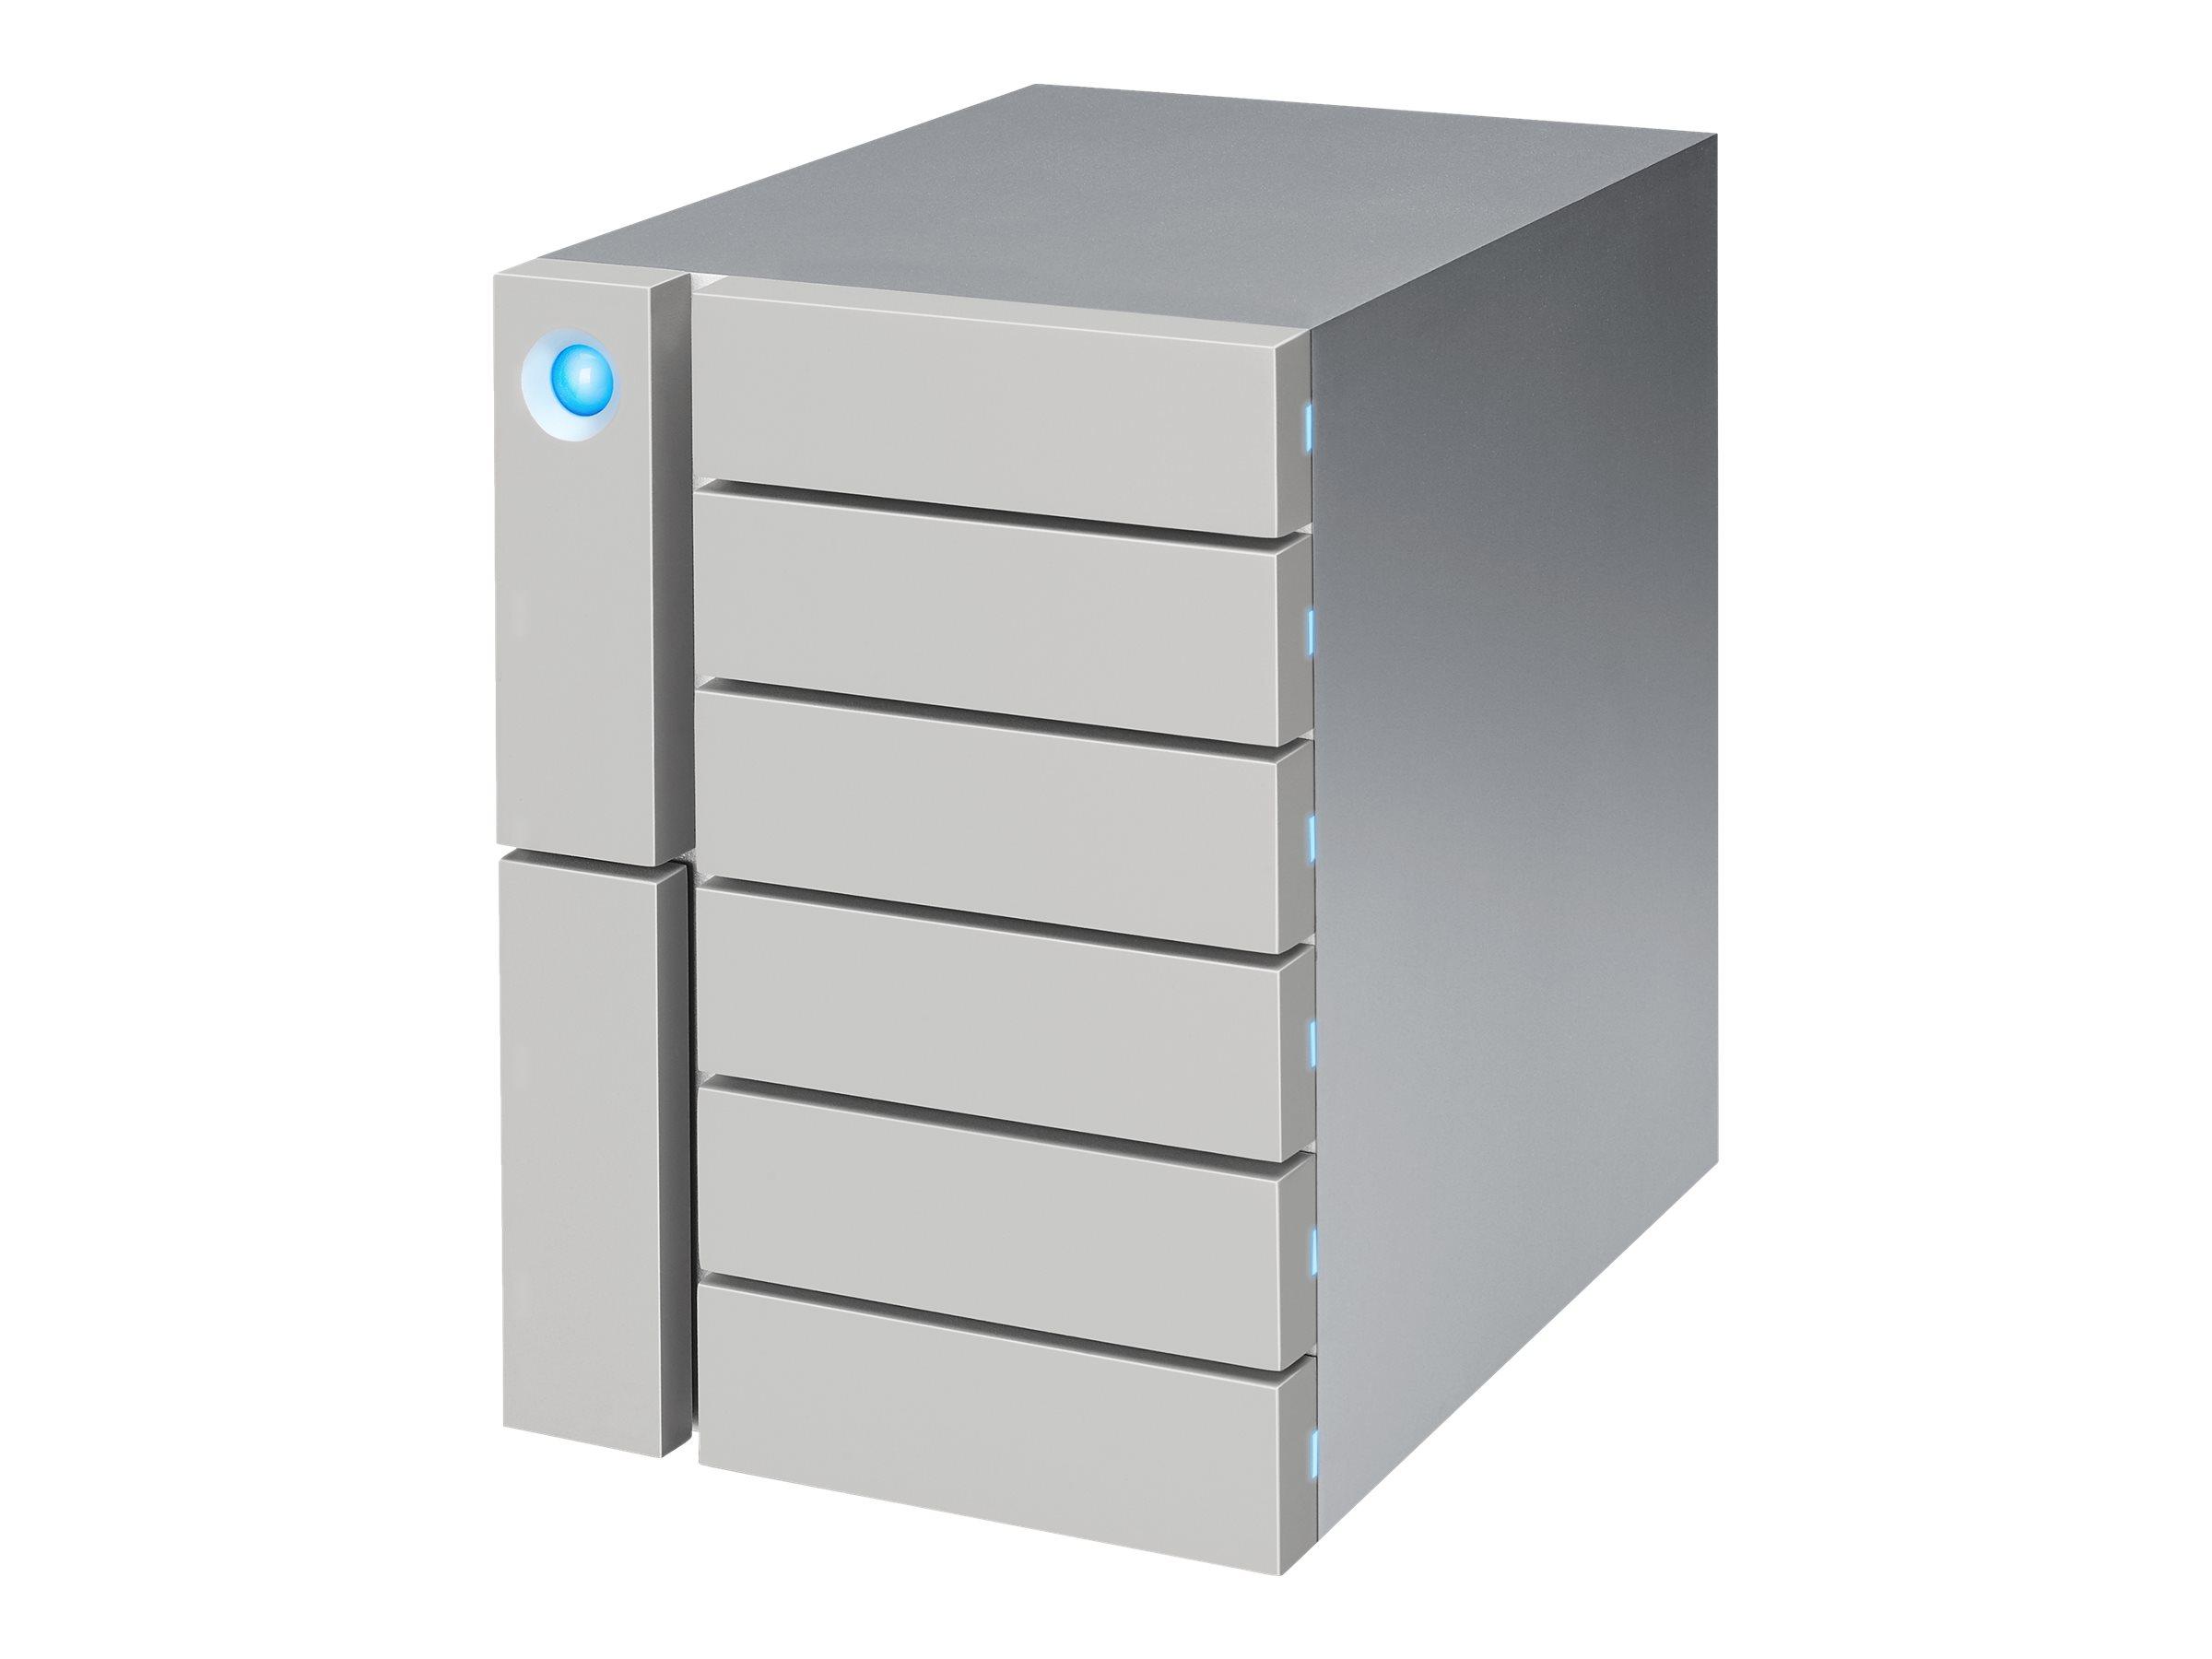 LaCie 6big Thunderbolt 3 STFK108000400 - Festplatten-Array - 108 TB - 6 Schächte (SATA) - HDD 18 TB x 6 - USB 3.1, Thunderbolt 3